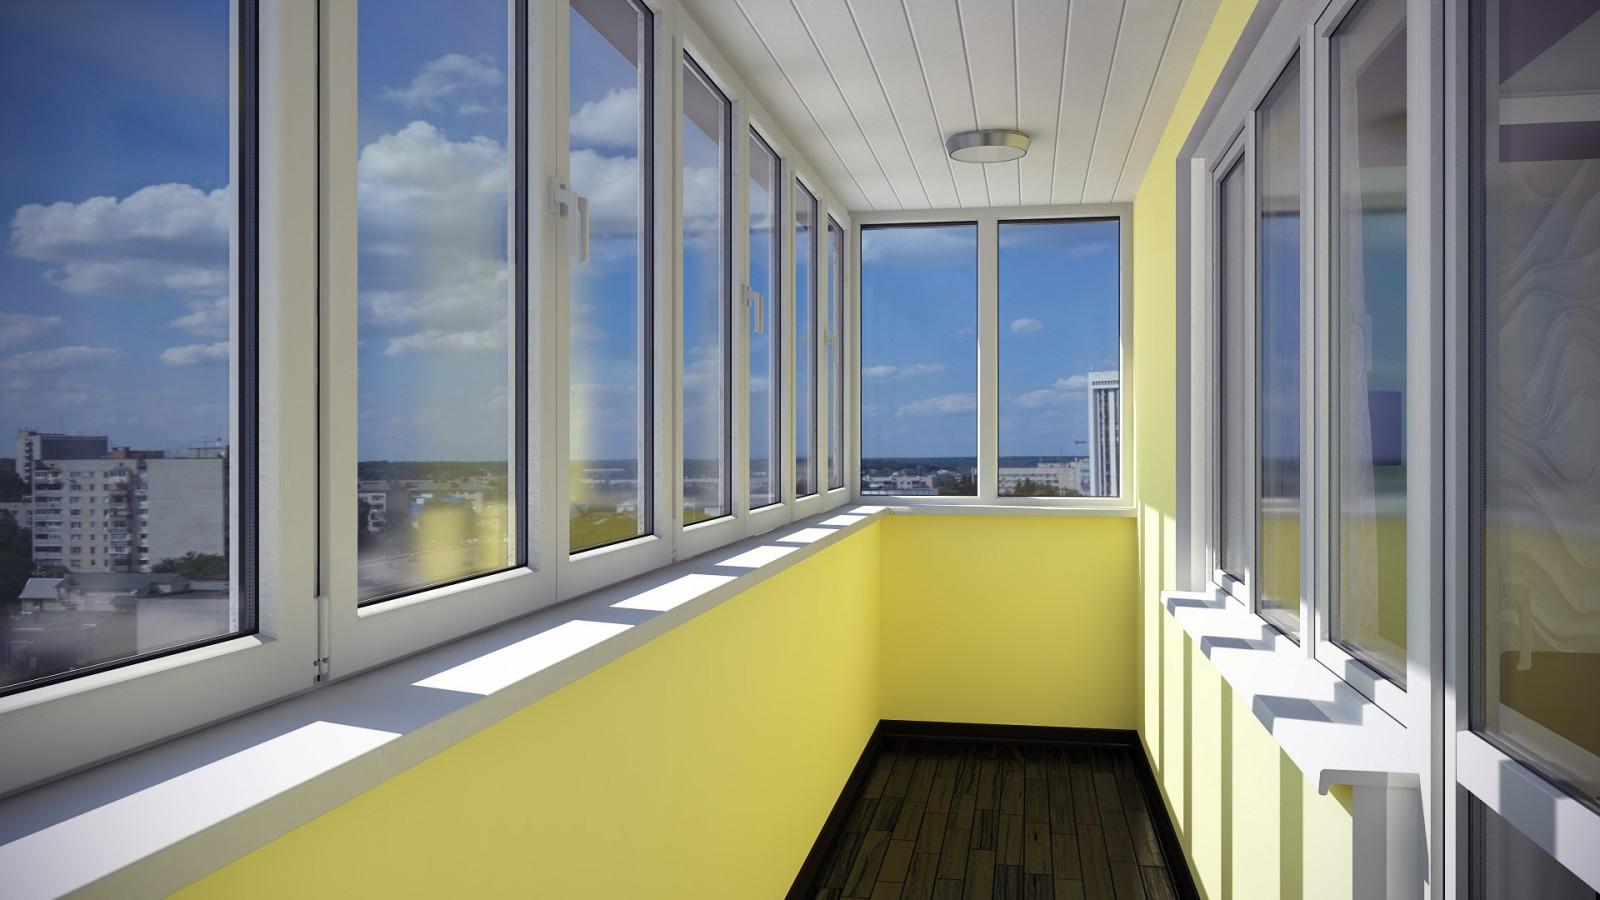 Остекление балкона своими руками пошаговая инструкция фото 776